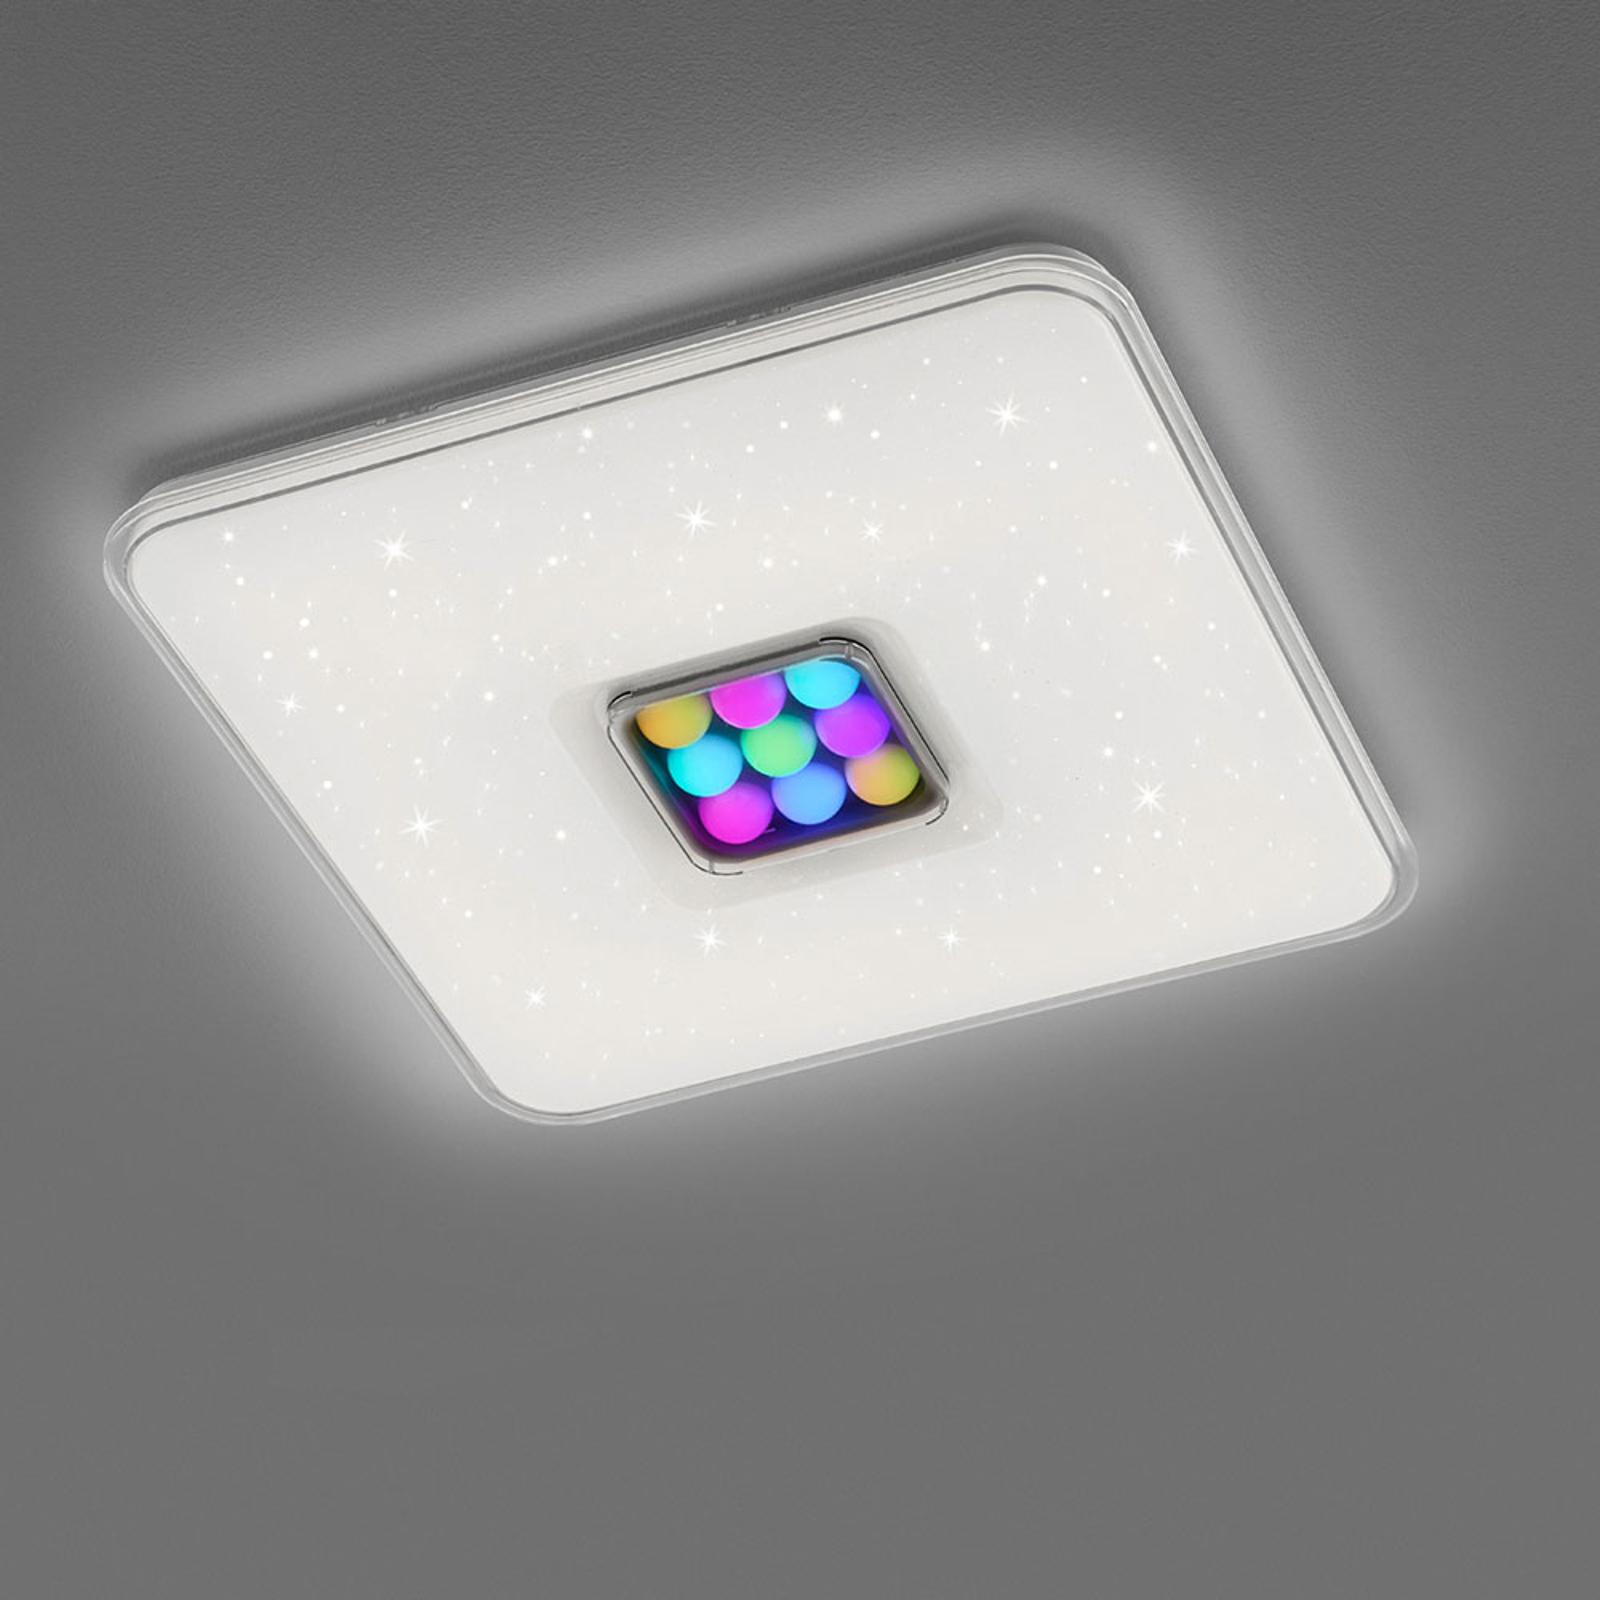 LED-kattovalaisin Ogasaki, RGBW, kaukosäädin, 52cm